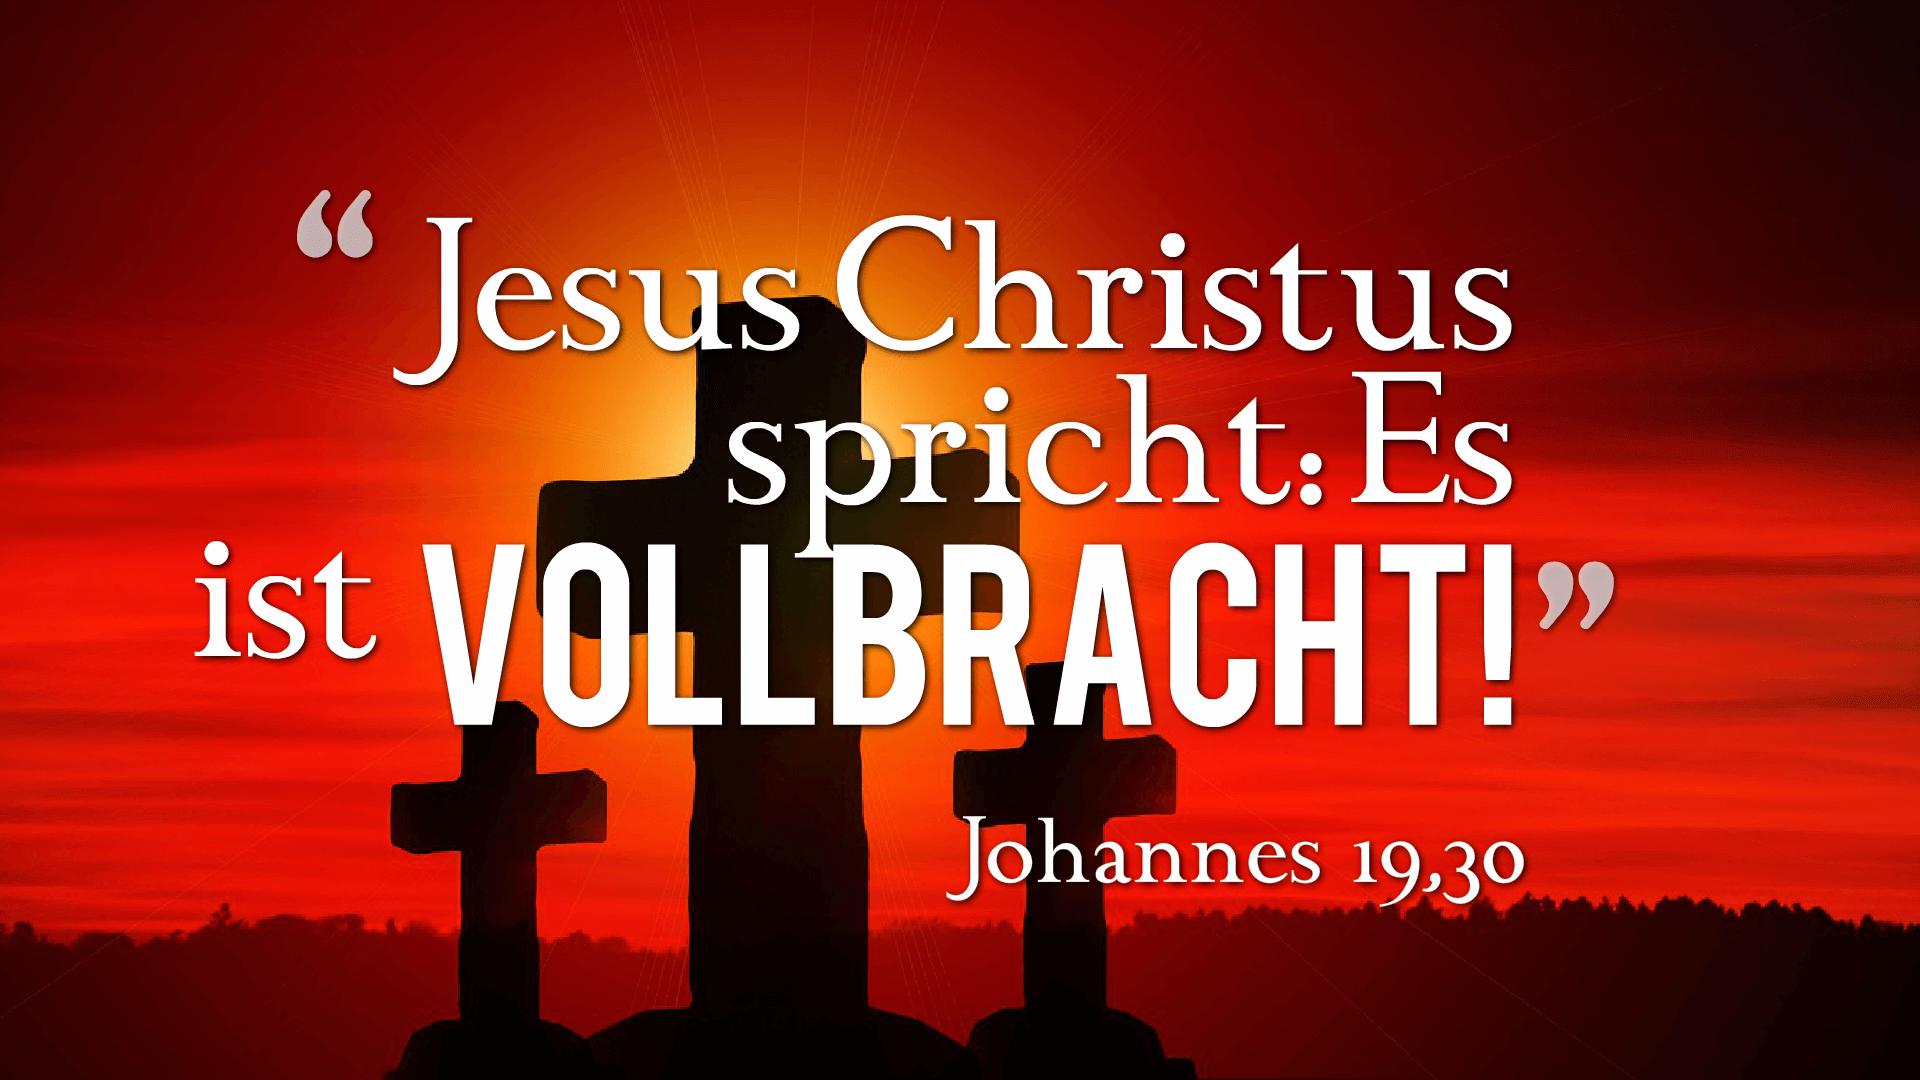 Jesus Christus spricht: Es ist vollbracht! -Johannes 19,30